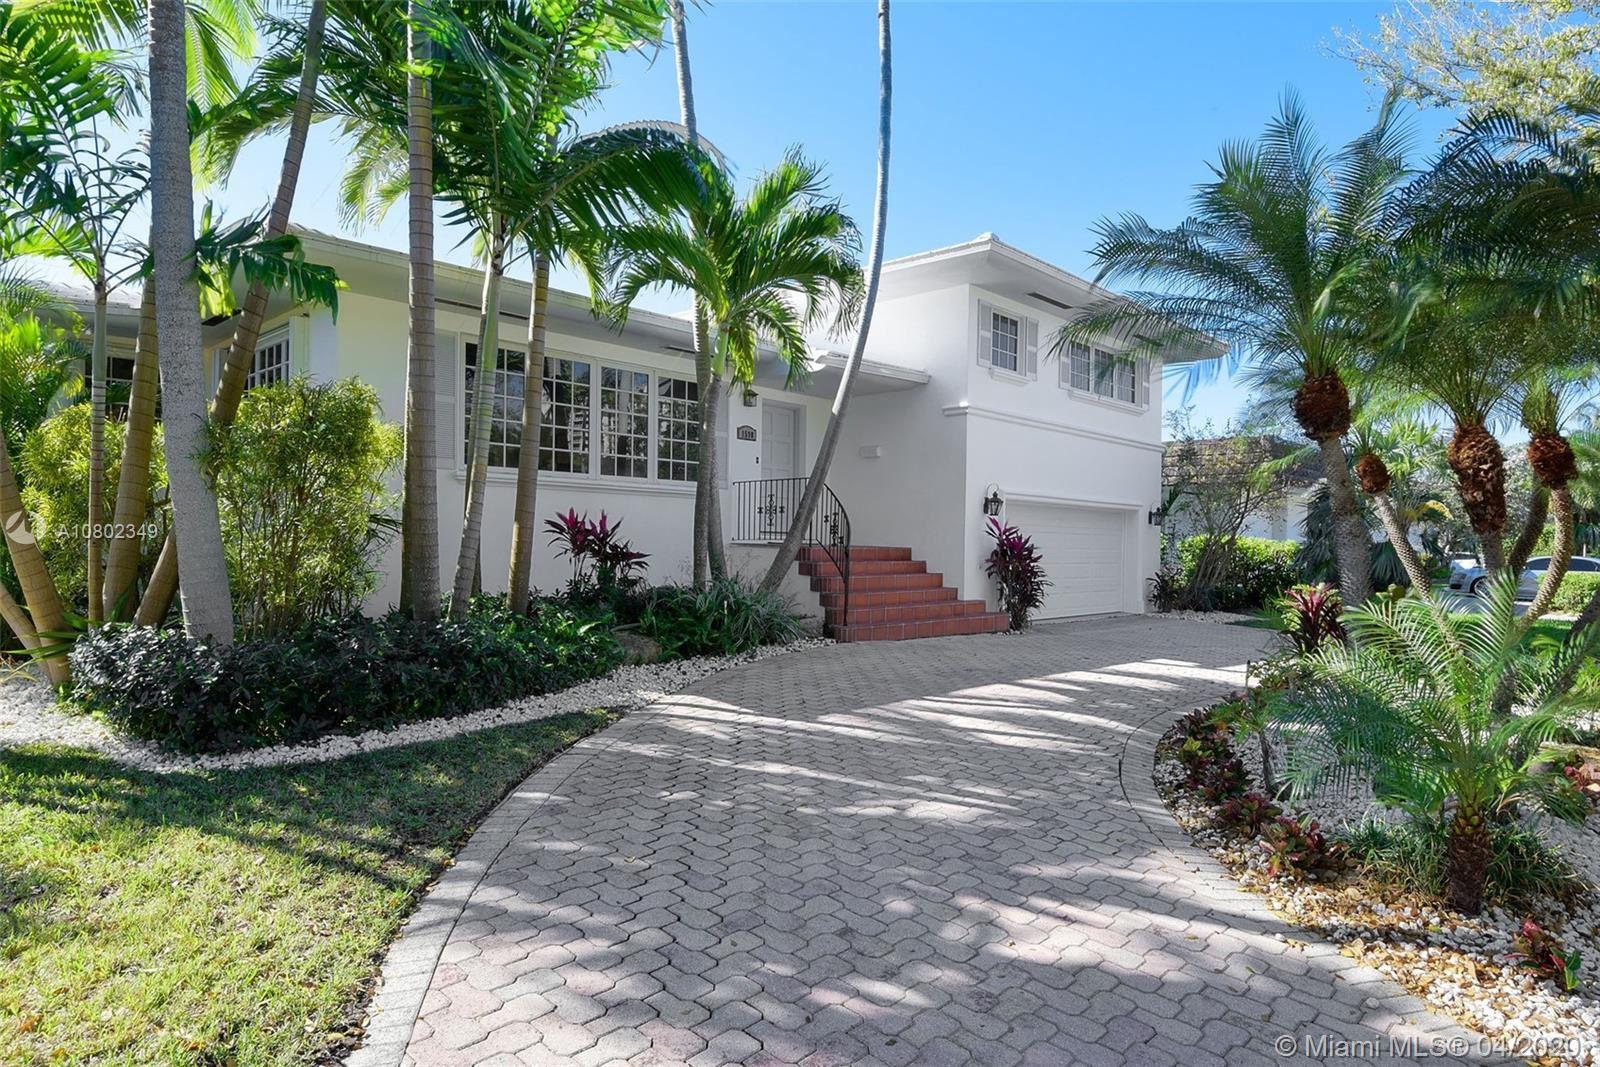 1598 NE 104th St, Miami Shores, FL 33138 - MLS#: A10802349